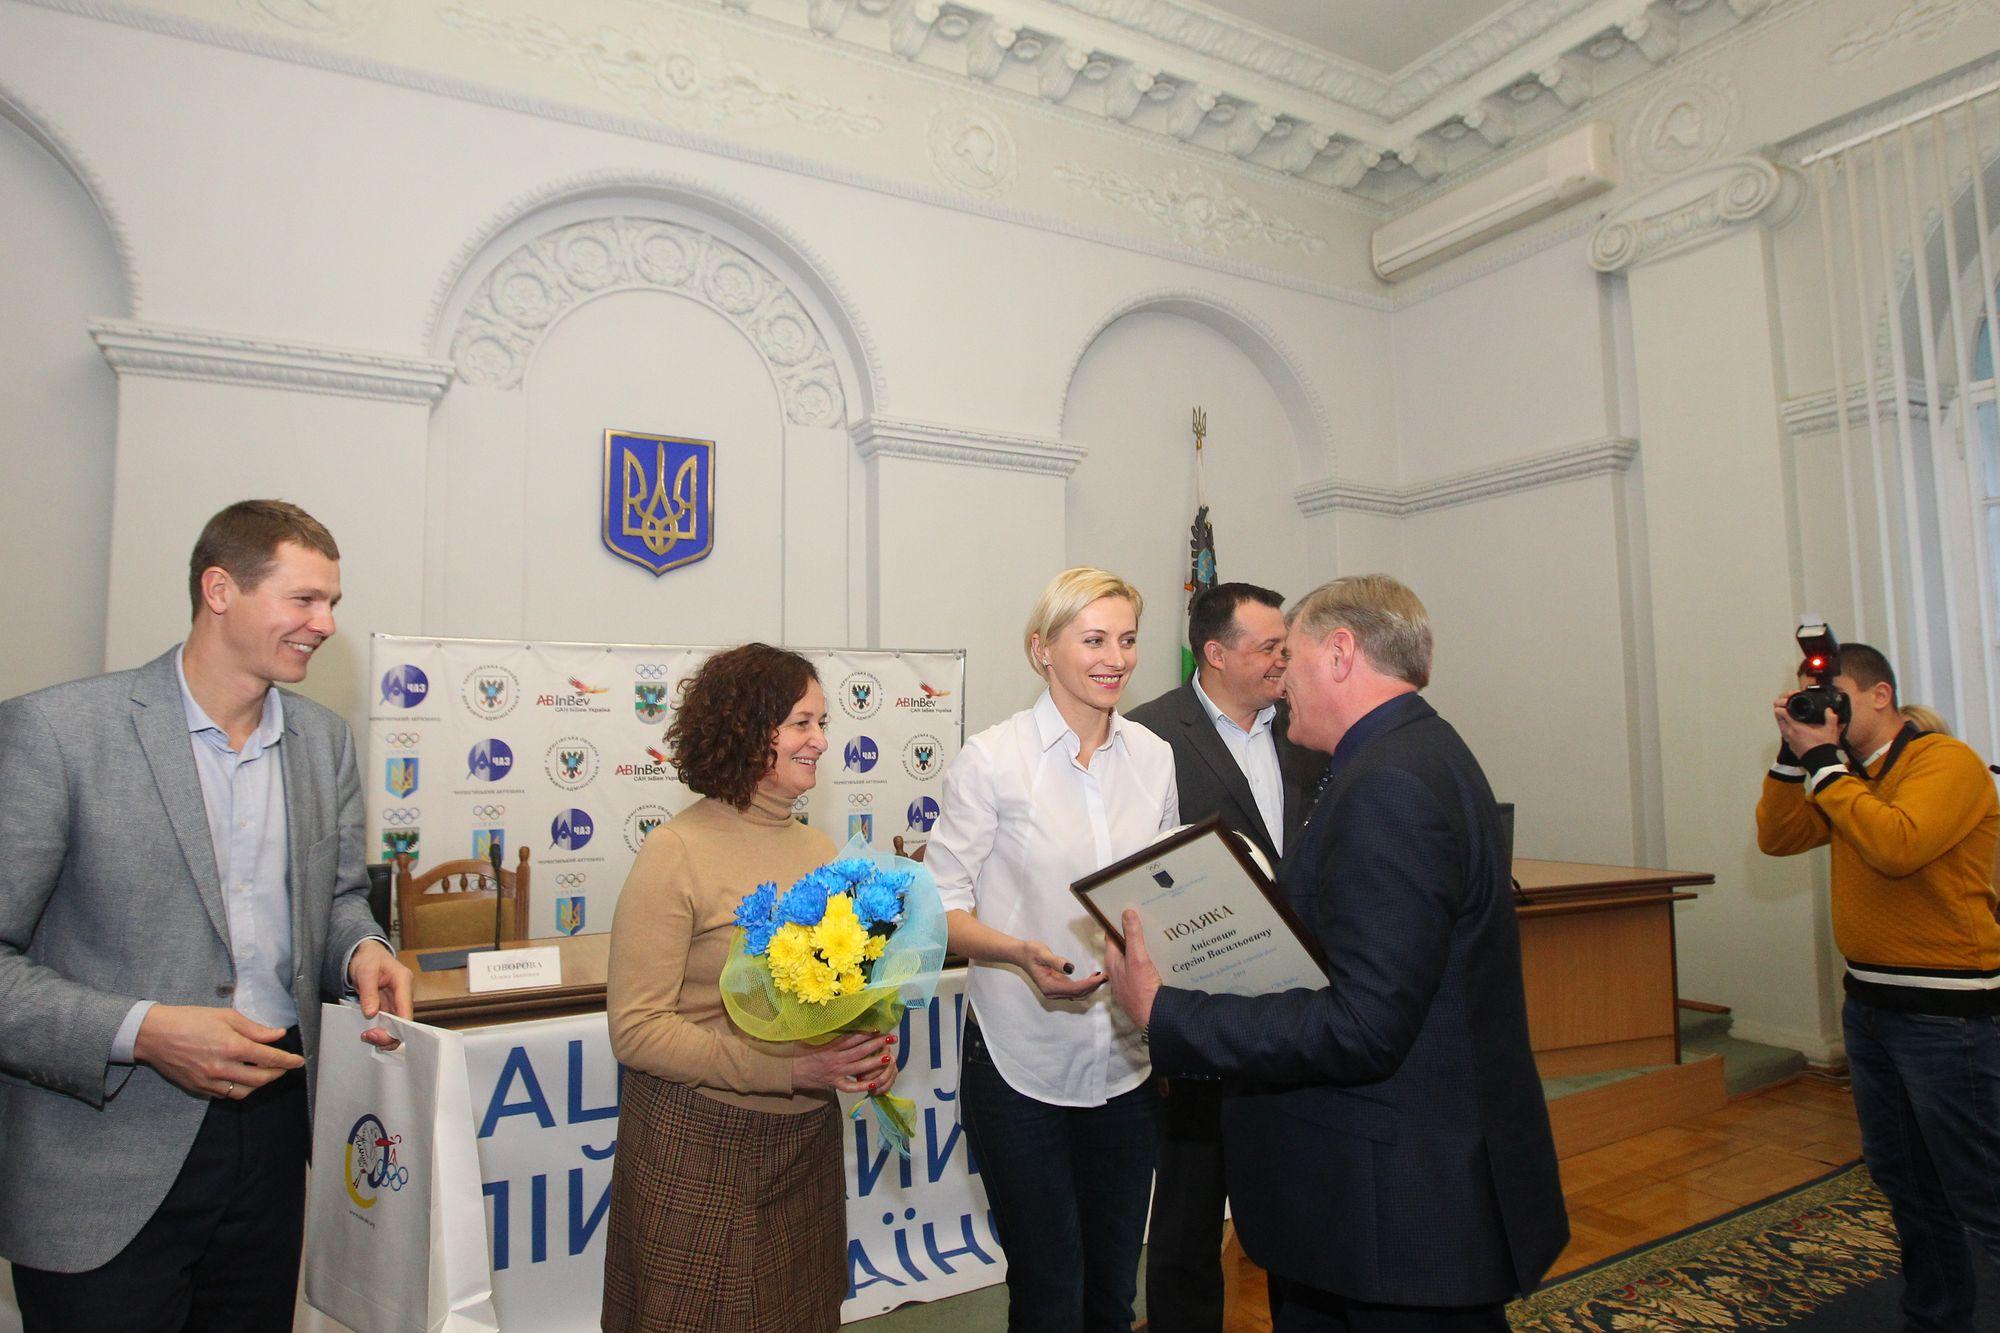 Національний олімпійський комітет похвалився цьогорічними досягненнями (Фото)